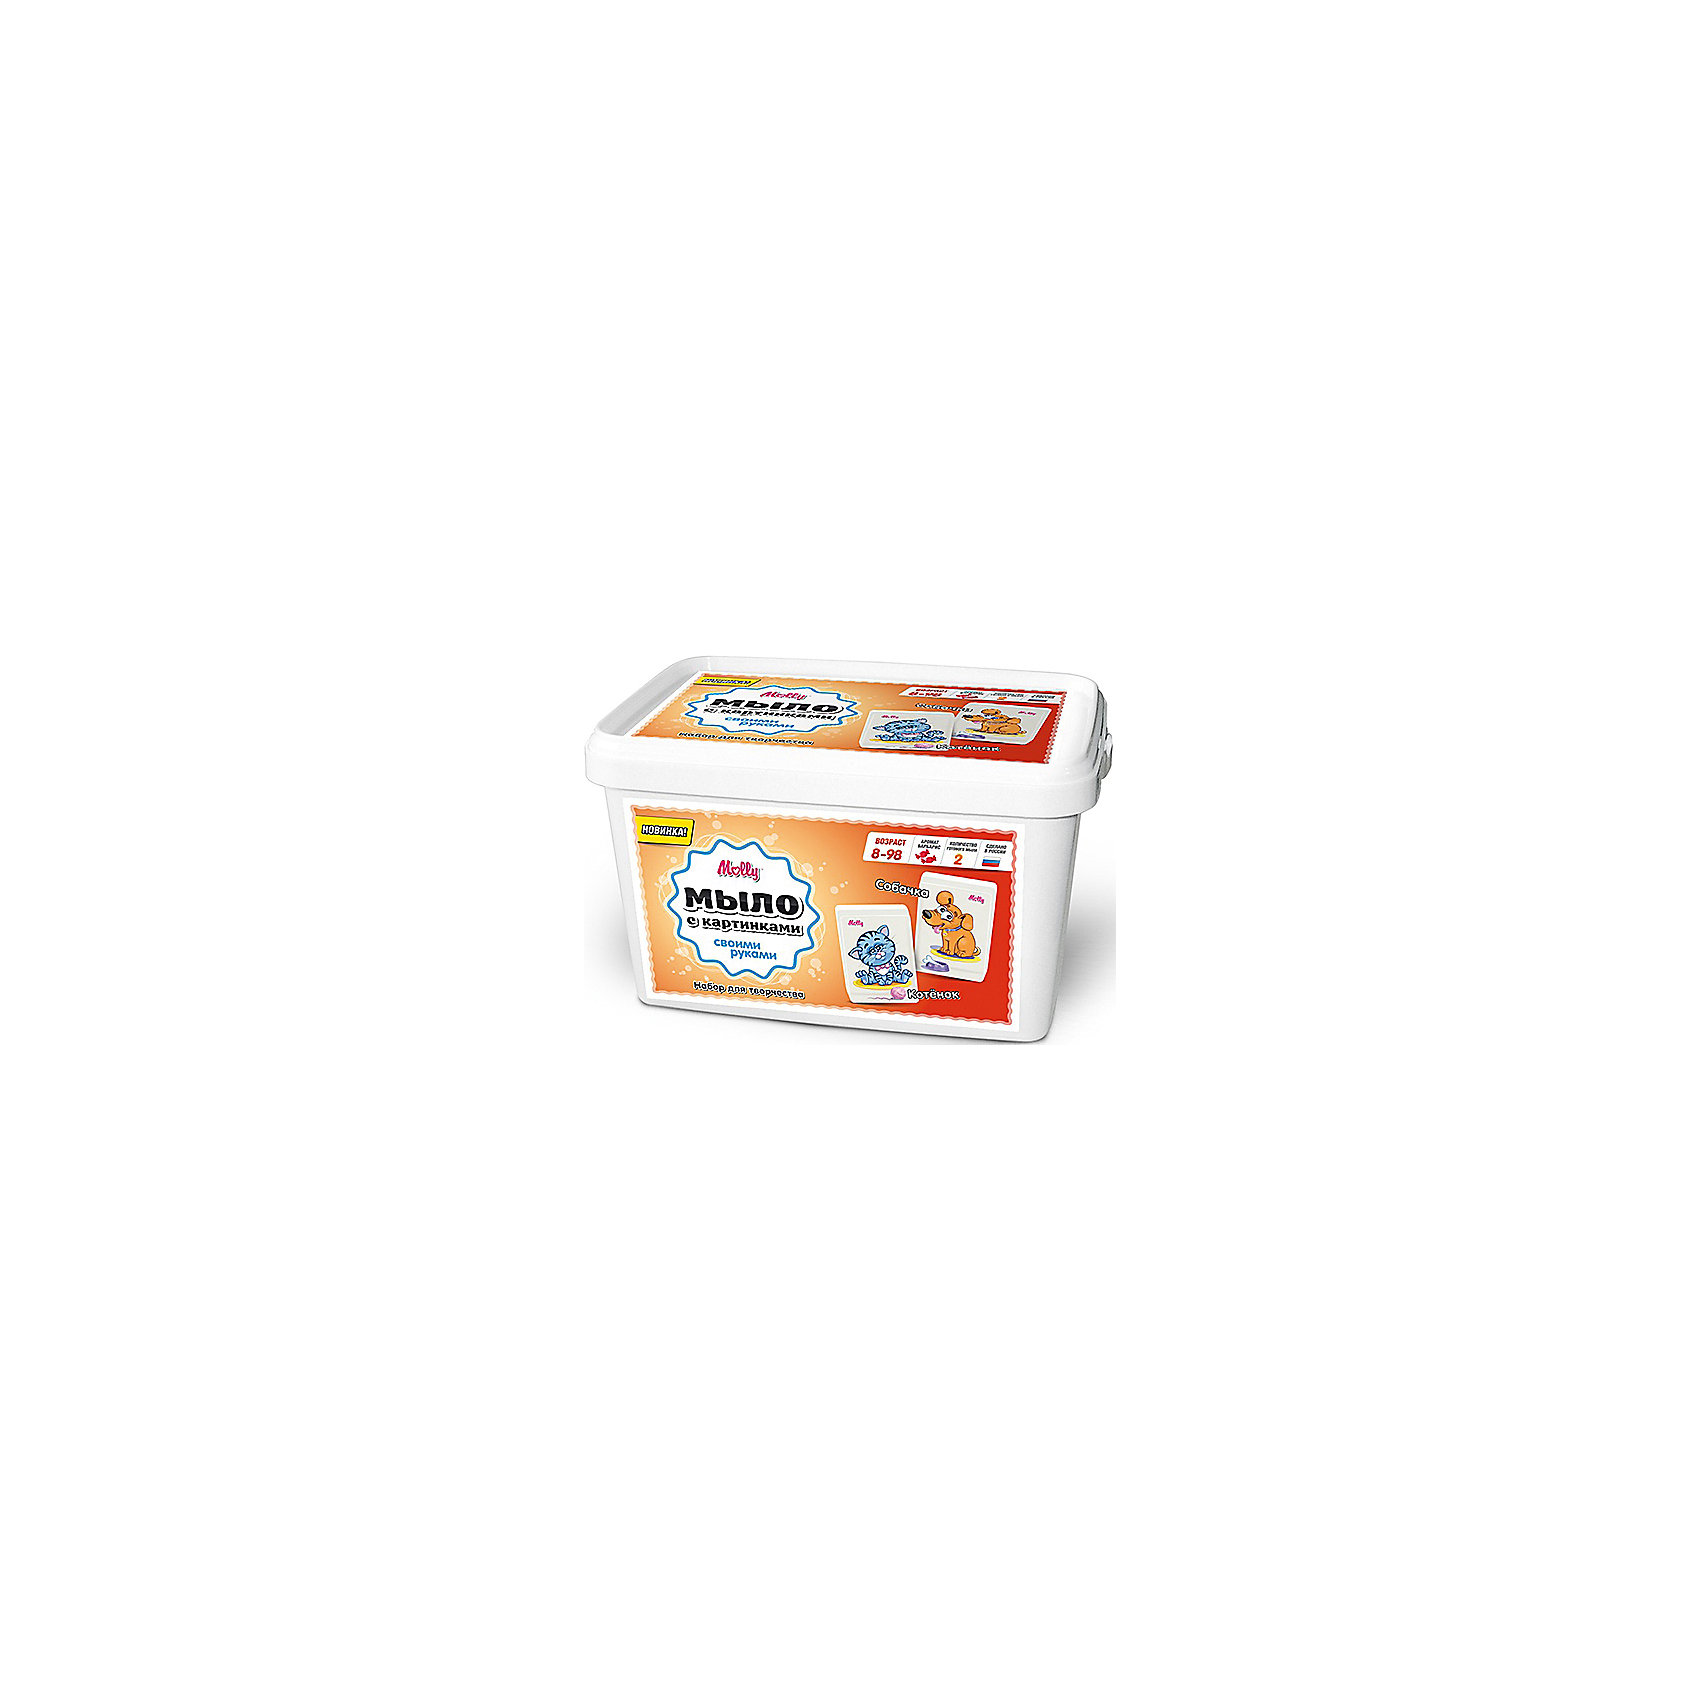 Мыло с картинками Котёнок и собачкаОригинальное тематическое мыло, которое можно создать своими руками. В состав набора входит: мыльная основа 200гр., 2 красителя, 2 ароматизатора, 2 формы для мыла, емкость для плавления мыльной основы, одноразовые перчатки и подробная инструкция.<br><br>Ширина мм: 20<br>Глубина мм: 13<br>Высота мм: 11<br>Вес г: 250<br>Возраст от месяцев: 96<br>Возраст до месяцев: 144<br>Пол: Унисекс<br>Возраст: Детский<br>SKU: 5115180